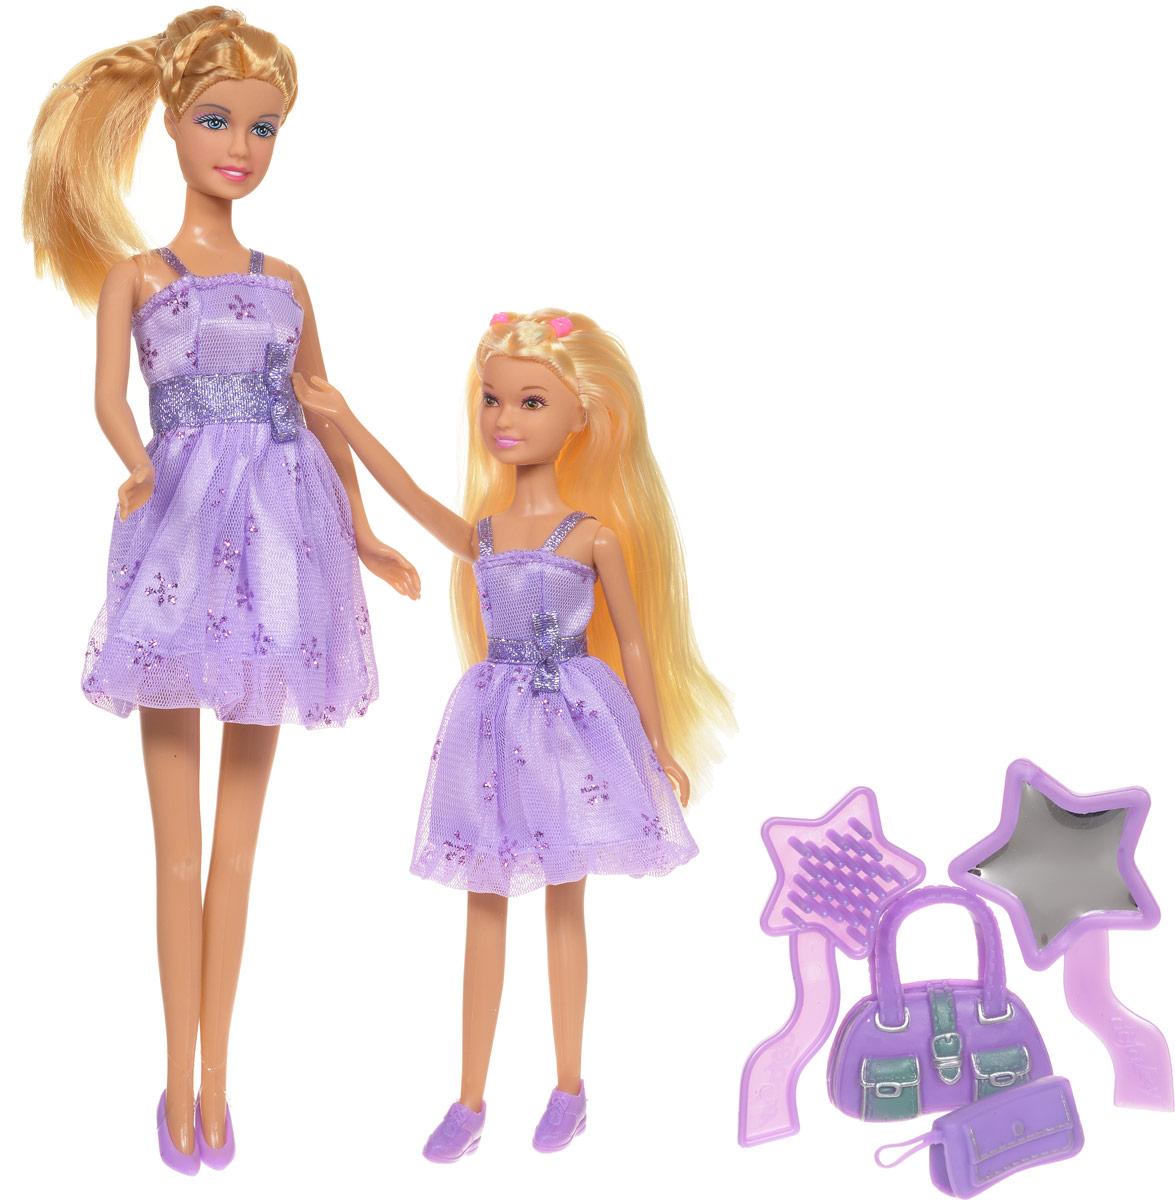 Defa Игровой набор с куклами Lucy Sisters цвет платьев сиреневый8126d_сиреневое платьеКуклы-сестрички Lucy. Sisters от компании Defa непременно понравятся вашей малышке и станут ее любимыми игрушками. Куклы Defa известны на весь мир своими забавными щечками и смешной улыбкой. Куклы одеты в короткие сиреневые платья с блестками и в сиреневые туфельки. У кукол длинные светлые волосы, вашей дочурке непременно понравится заплетать их, придумывая разнообразные прически и новые образы. Голова, руки и ноги кукол подвижны. В комплекте с куклами имеются модные сиреневые сумочки и расческа с зеркальцем. Куклы, пожалуй, самые популярные игрушки в мире. Девочки обожают играть с ними, отправляясь в сказочную страну грез. Собери всю коллекцию забавных модниц от компании Defa. Порадуйте свою малышку таким великолепным подарком!